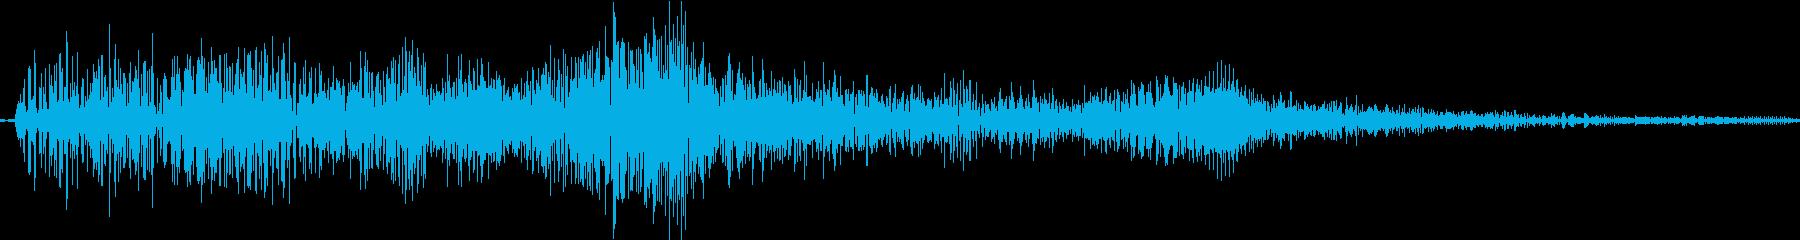 選択音 Slotイメージの再生済みの波形